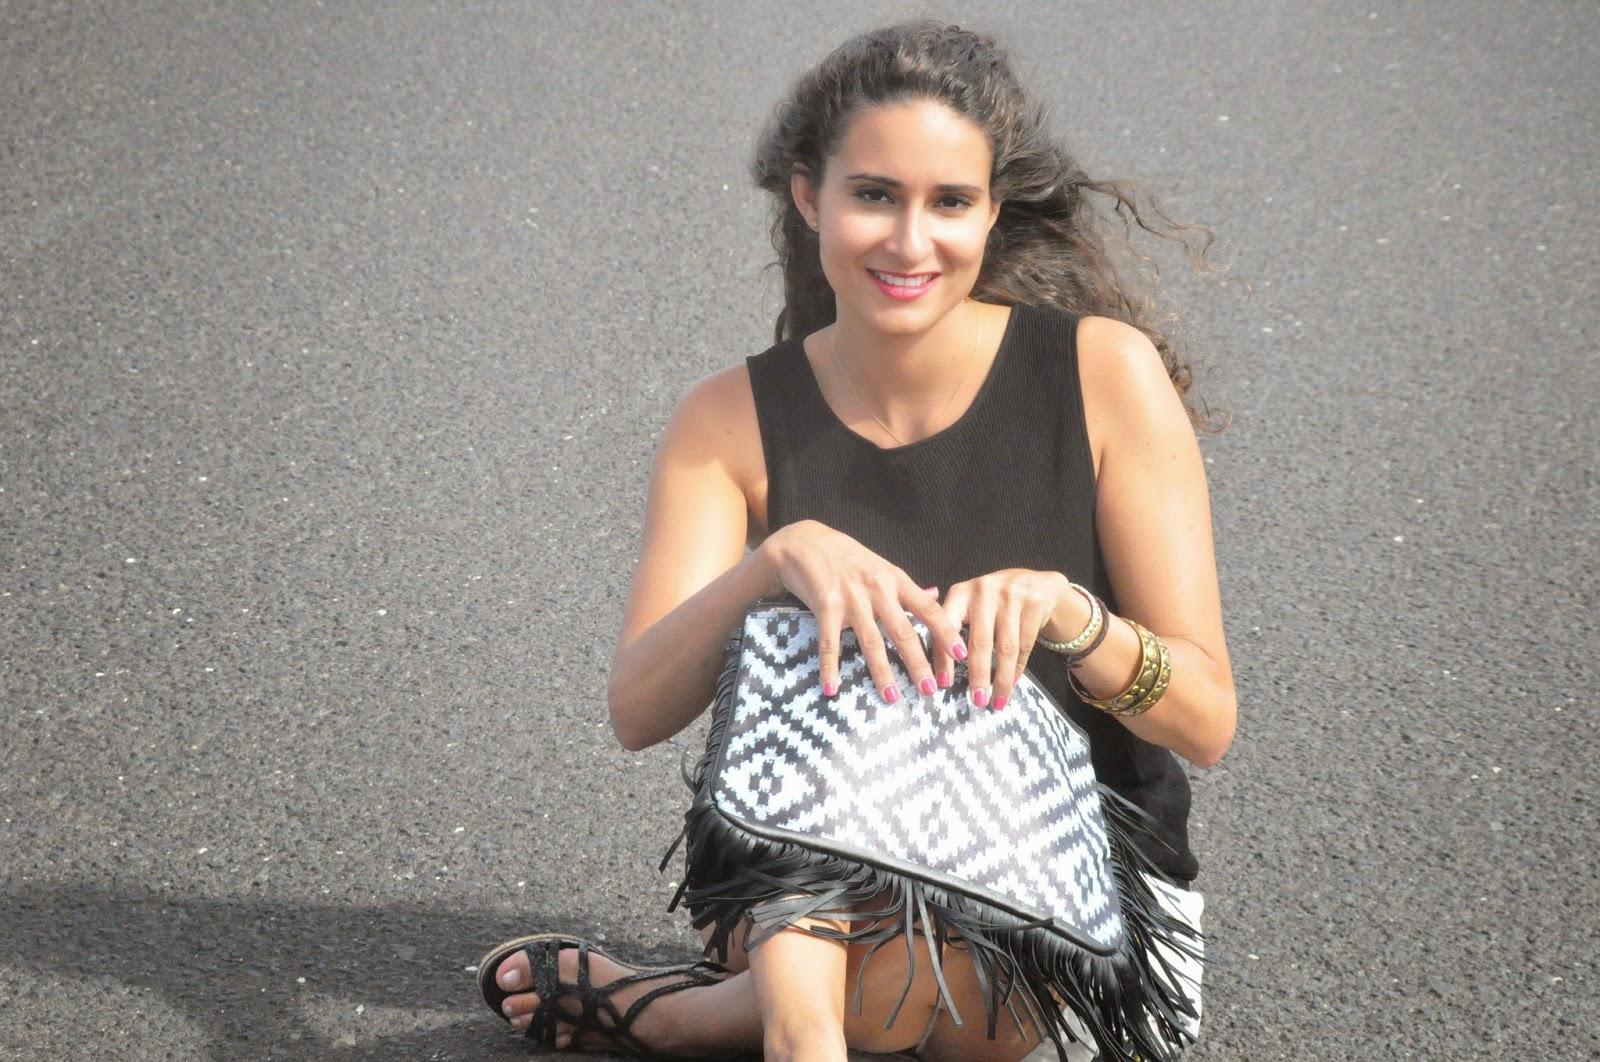 sentada en medio de la carretera con un bolso de mano con dibujos étnicos blancos y negros